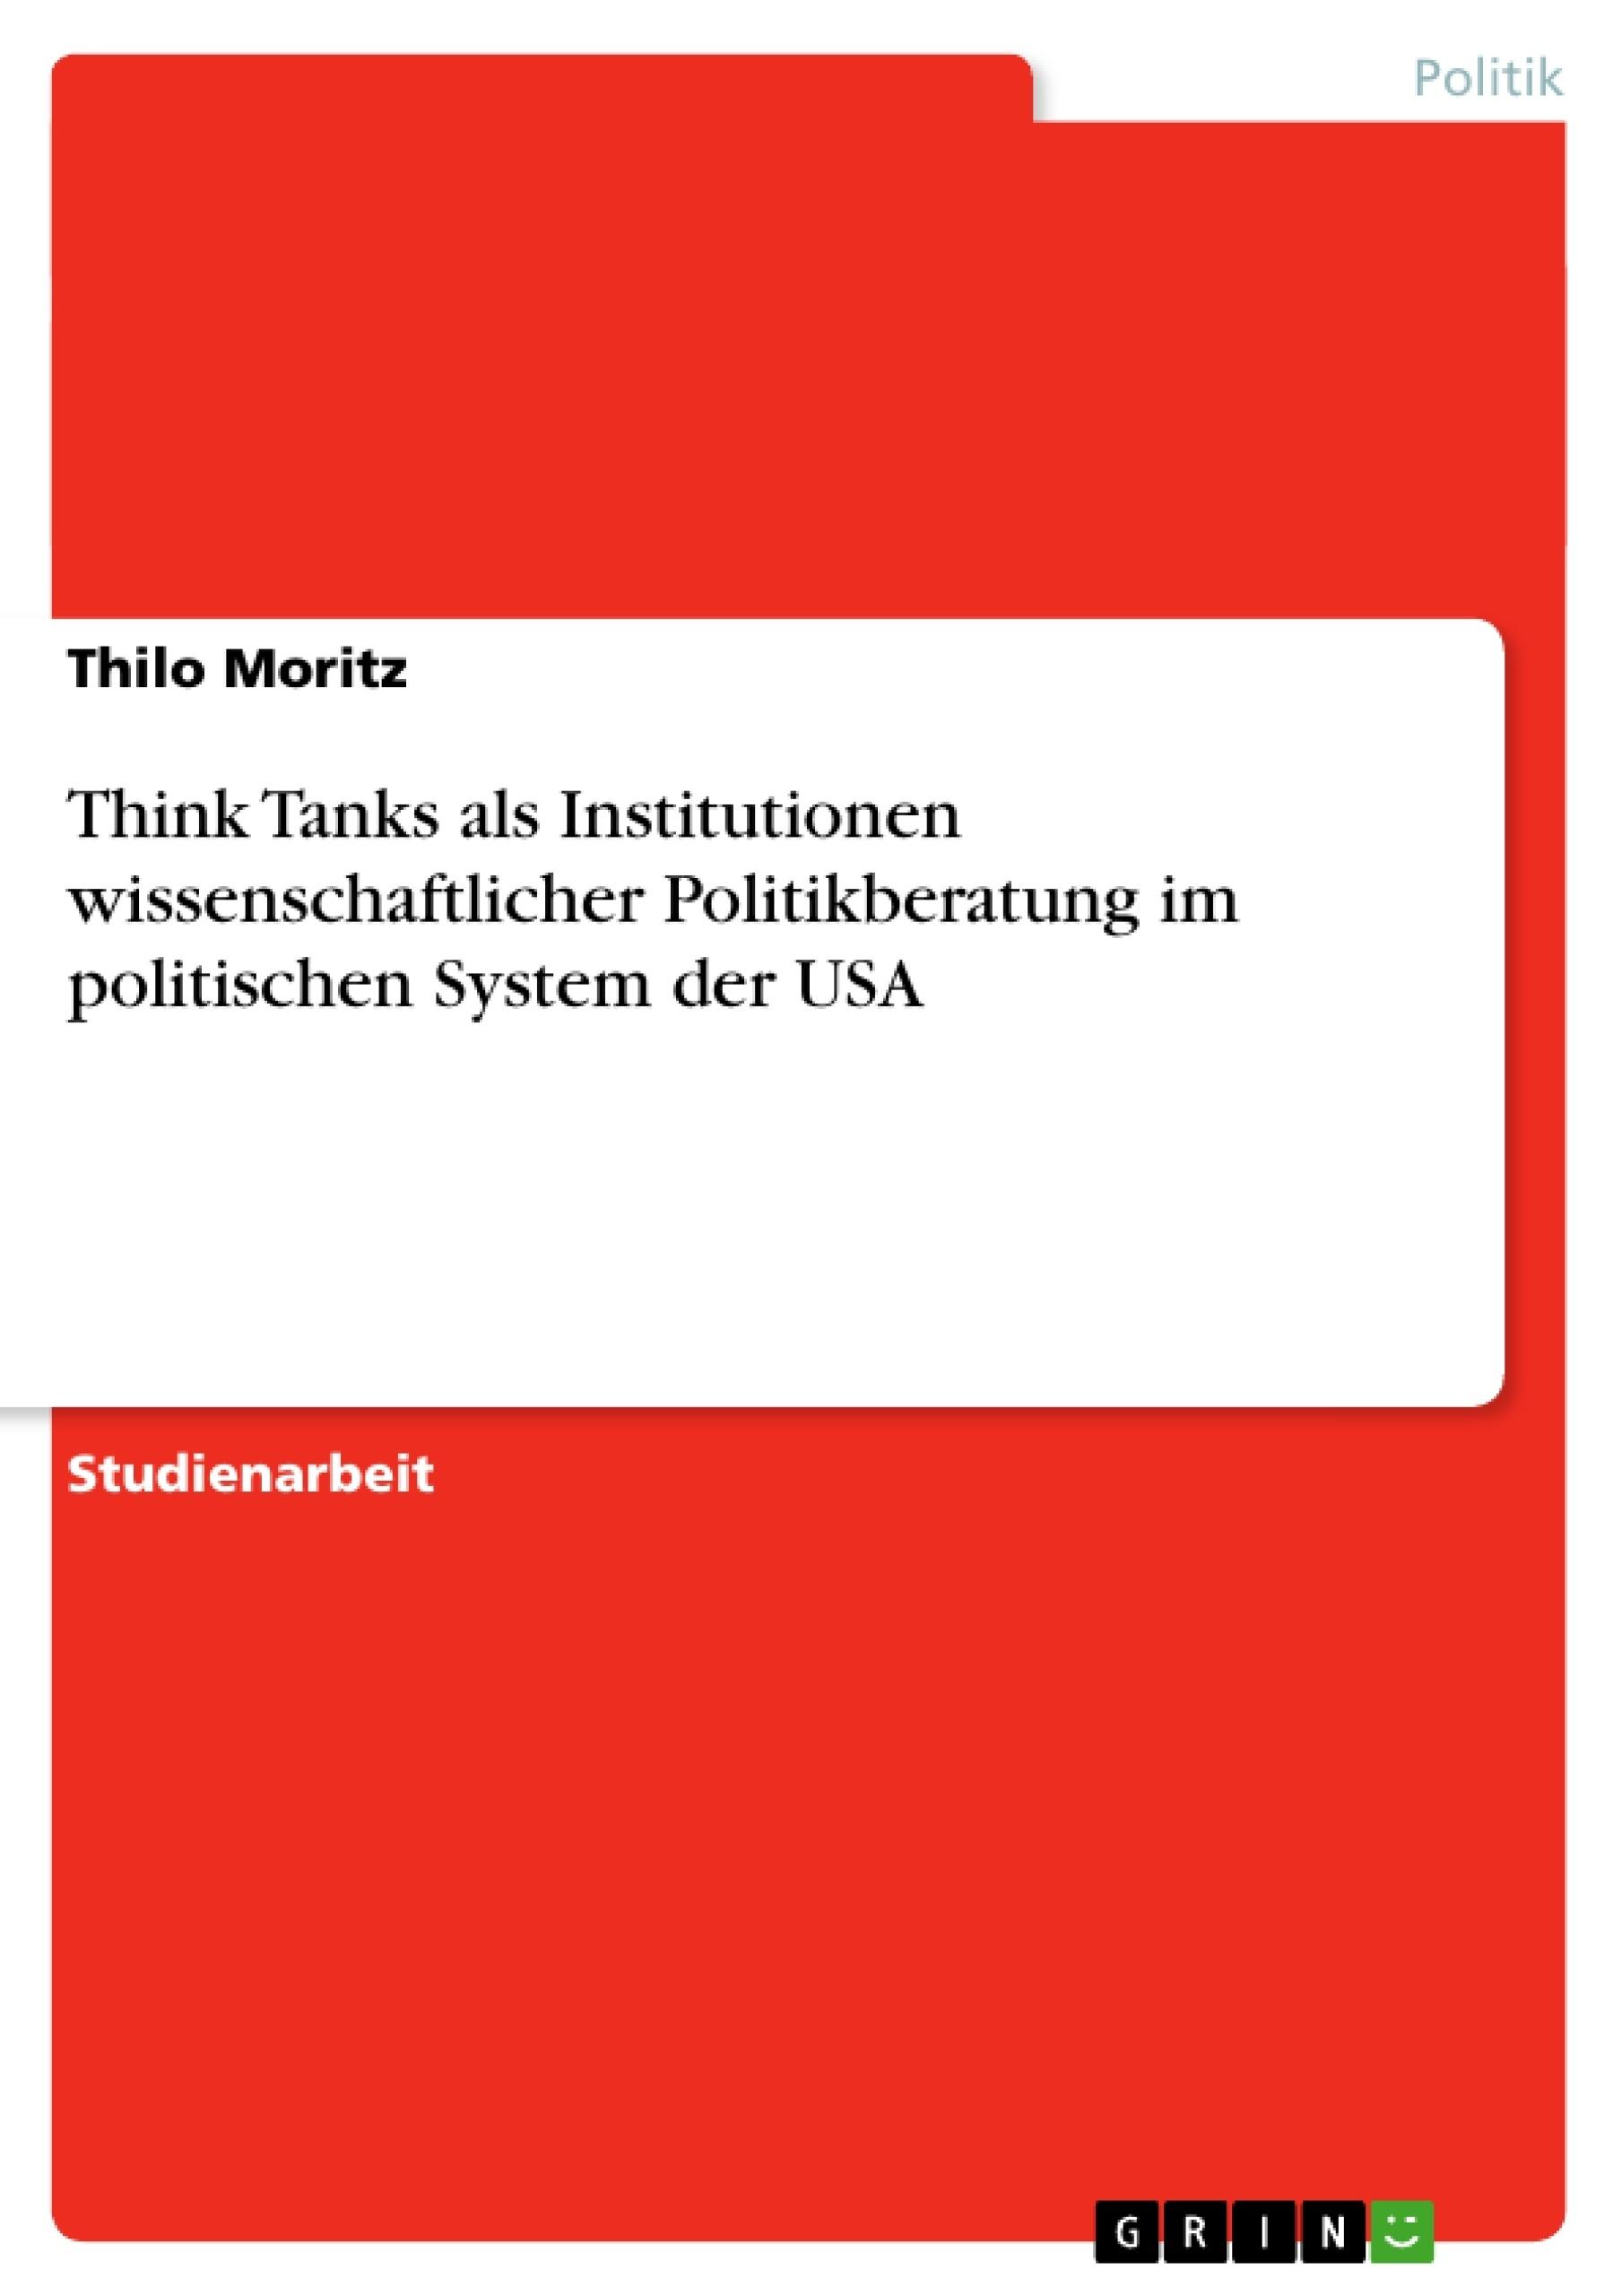 Titel: Think Tanks als Institutionen wissenschaftlicher Politikberatung im politischen System der USA